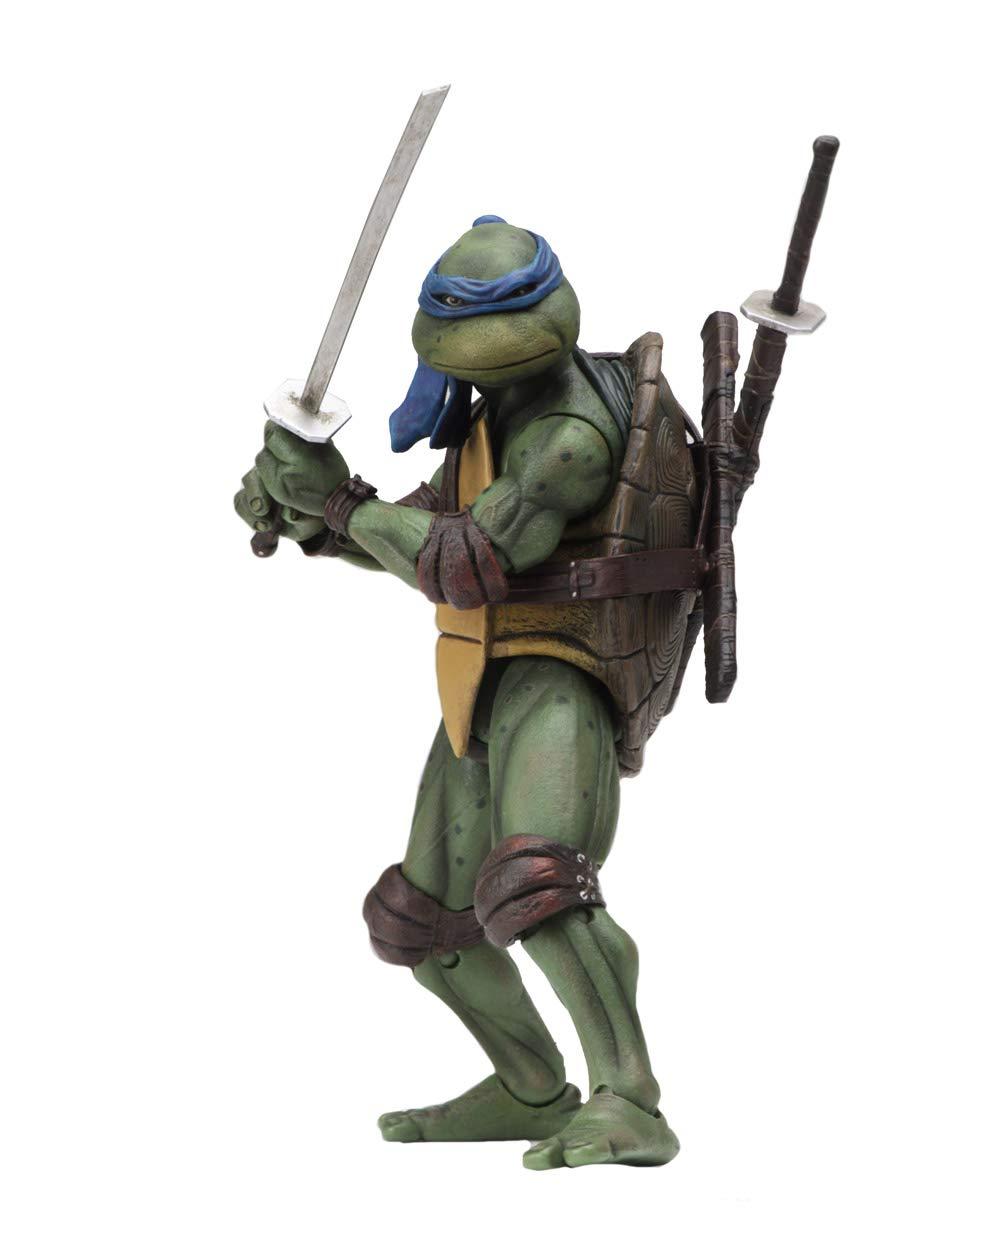 Teenage Mutant Ninja Turtles (1990) - Leonardo Action Figure ...